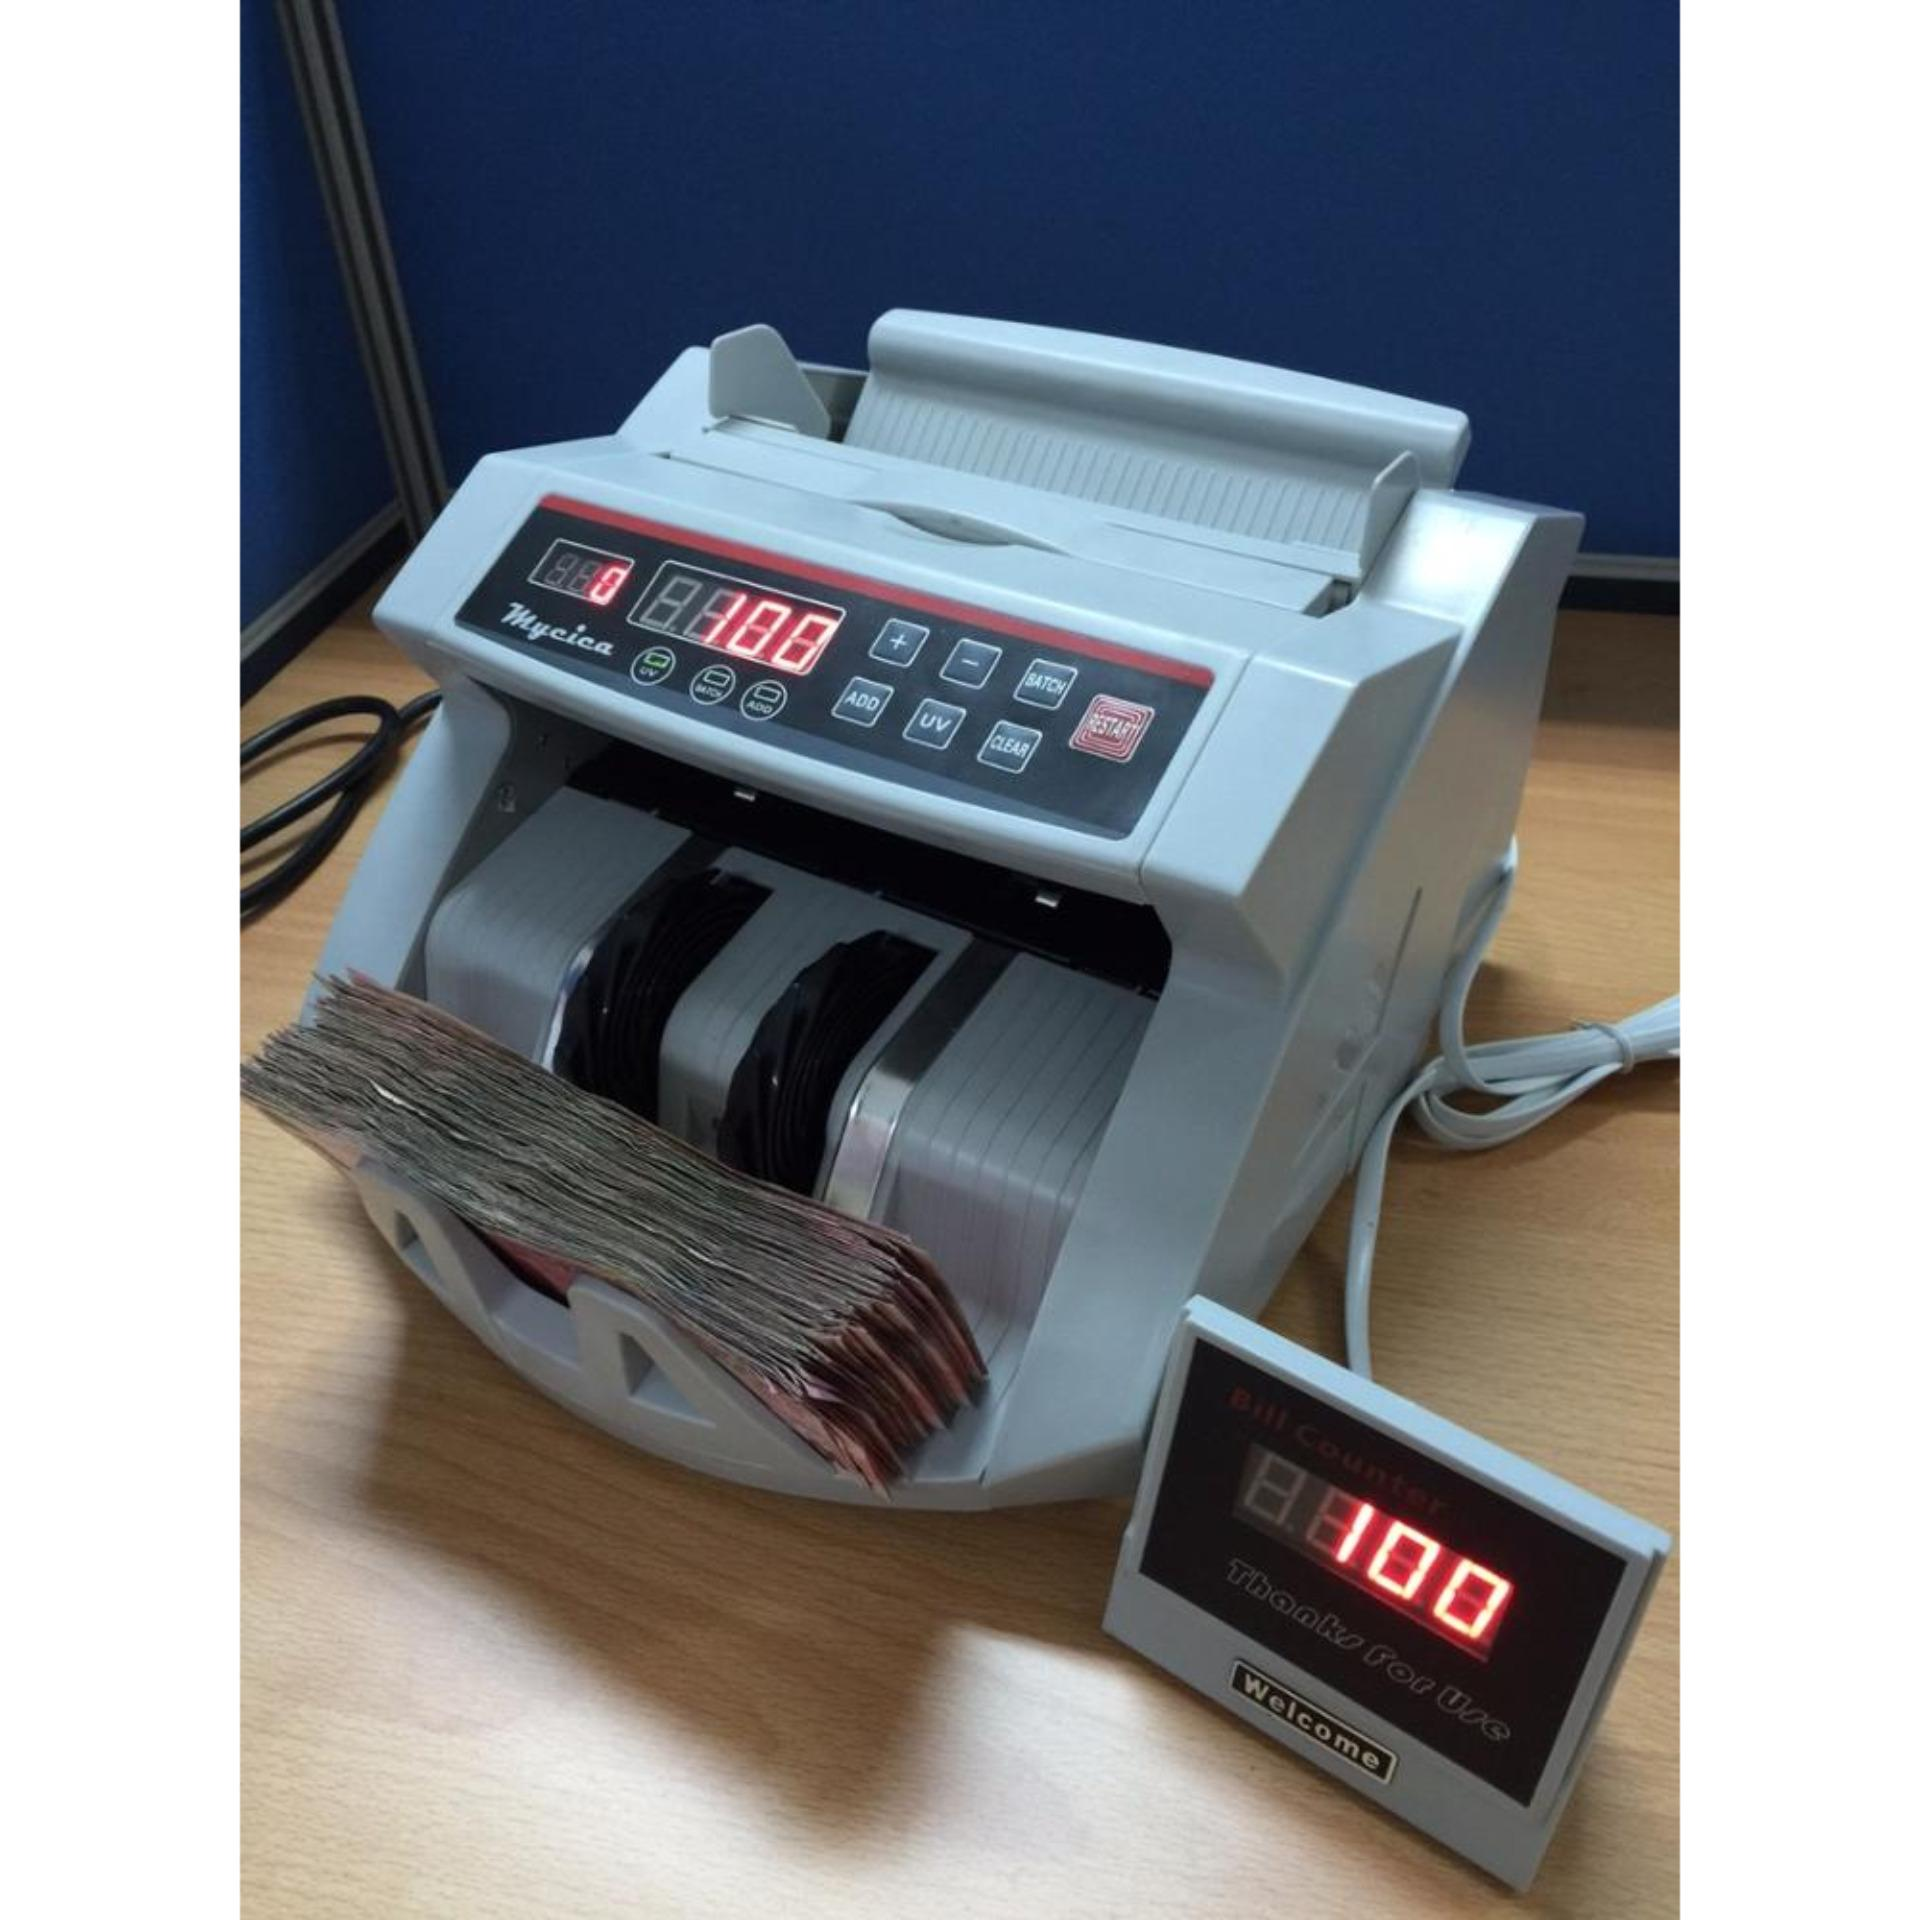 Mesin Penghitung Uang / Money Counter Anti Uang Palsu Tipe Hl 2100 By Sumber Rejeki_shop.